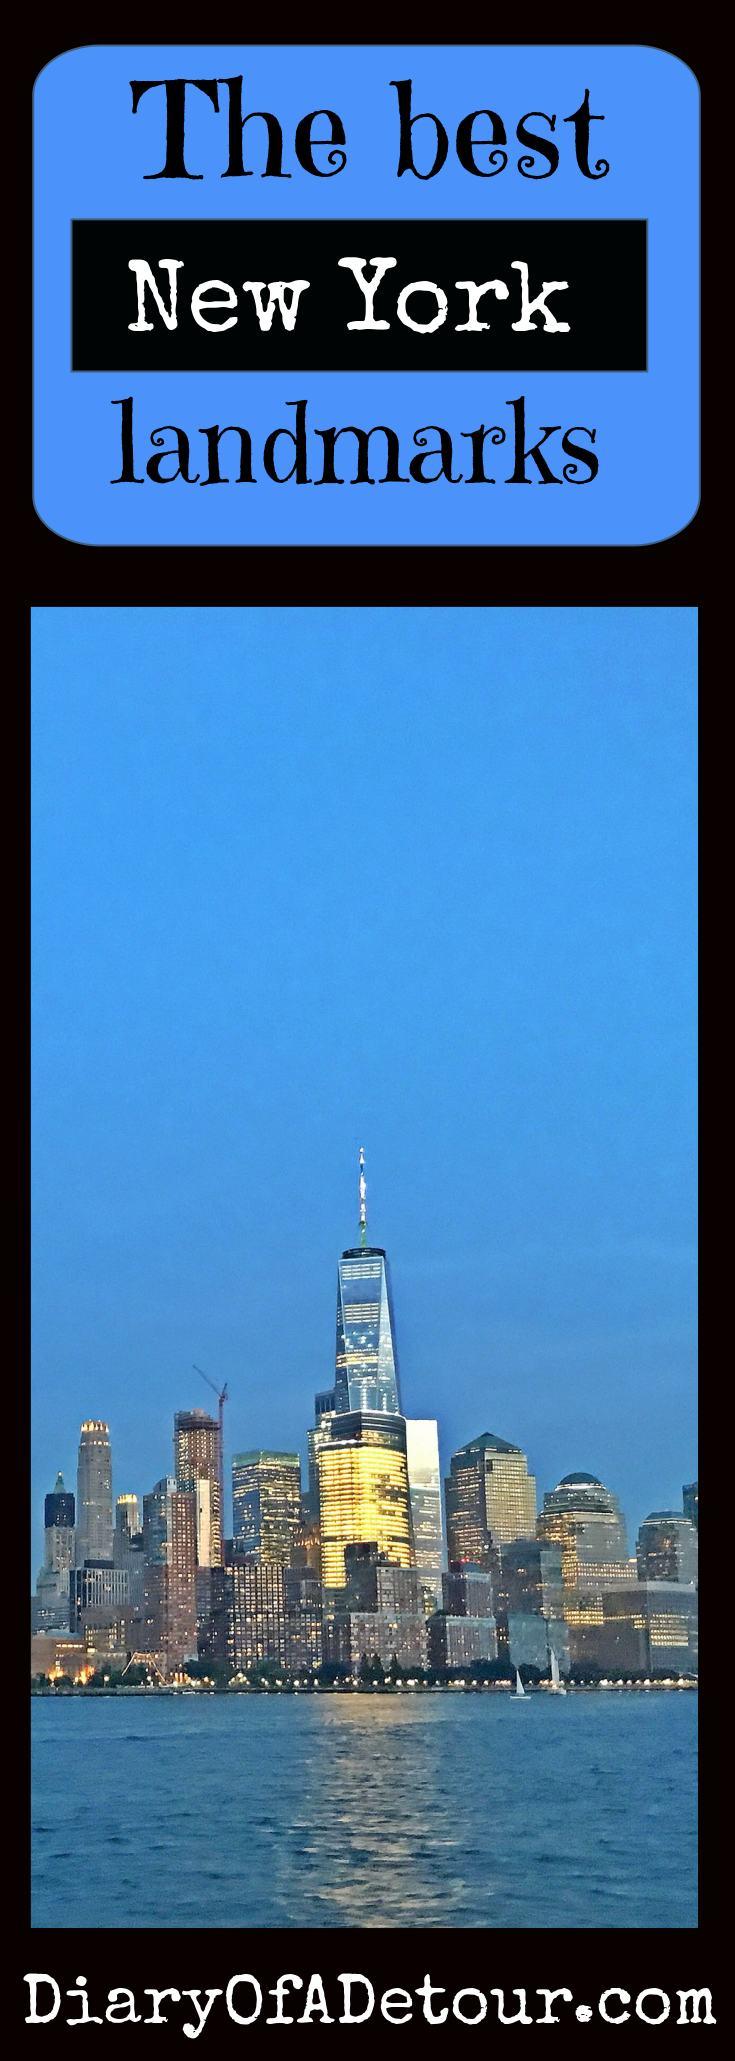 The best New York landmarks